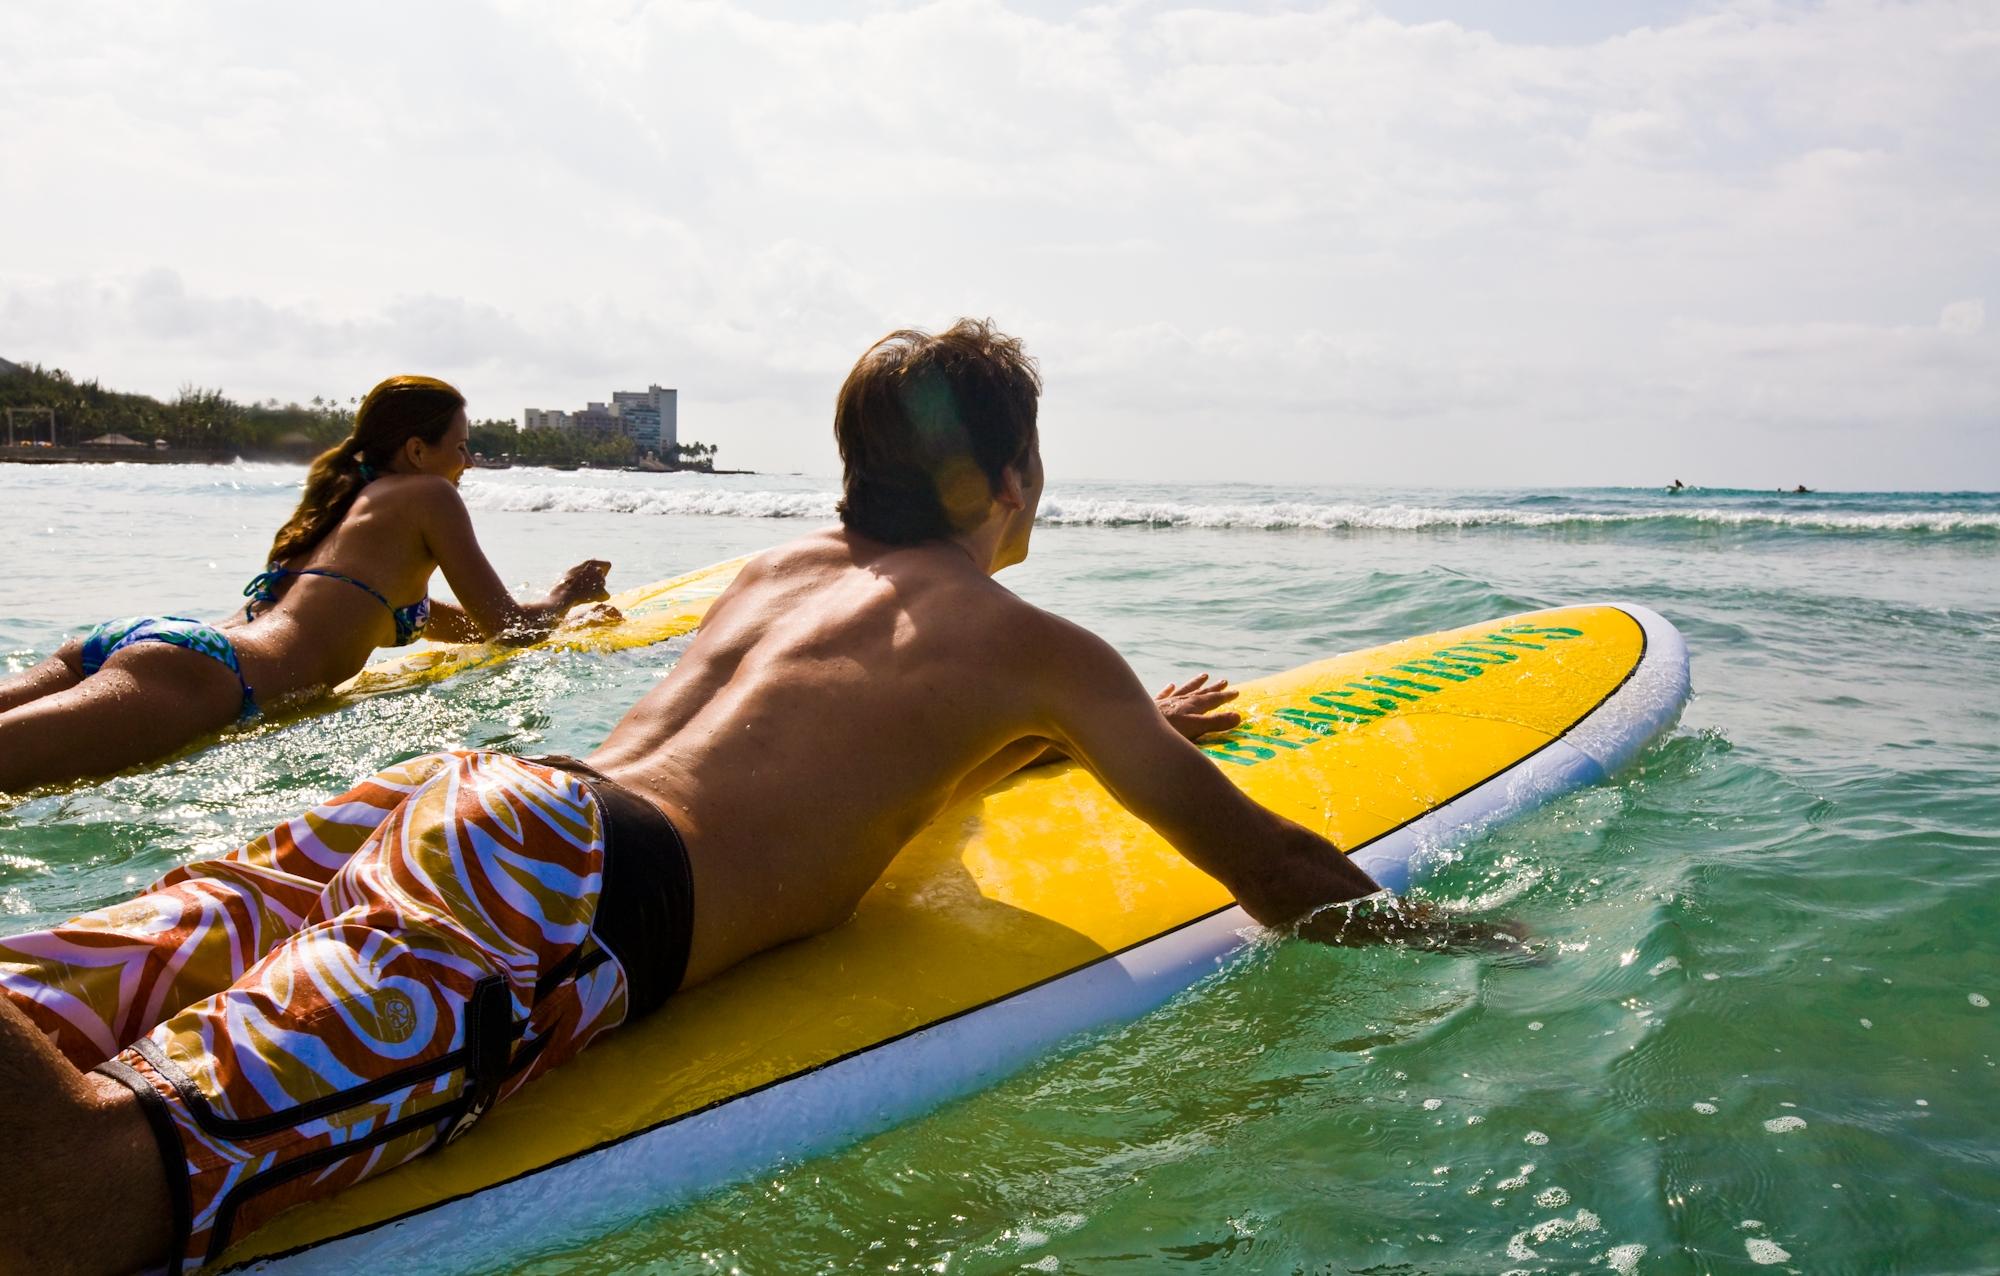 Hawaii-Tourism-Kids-Surfing